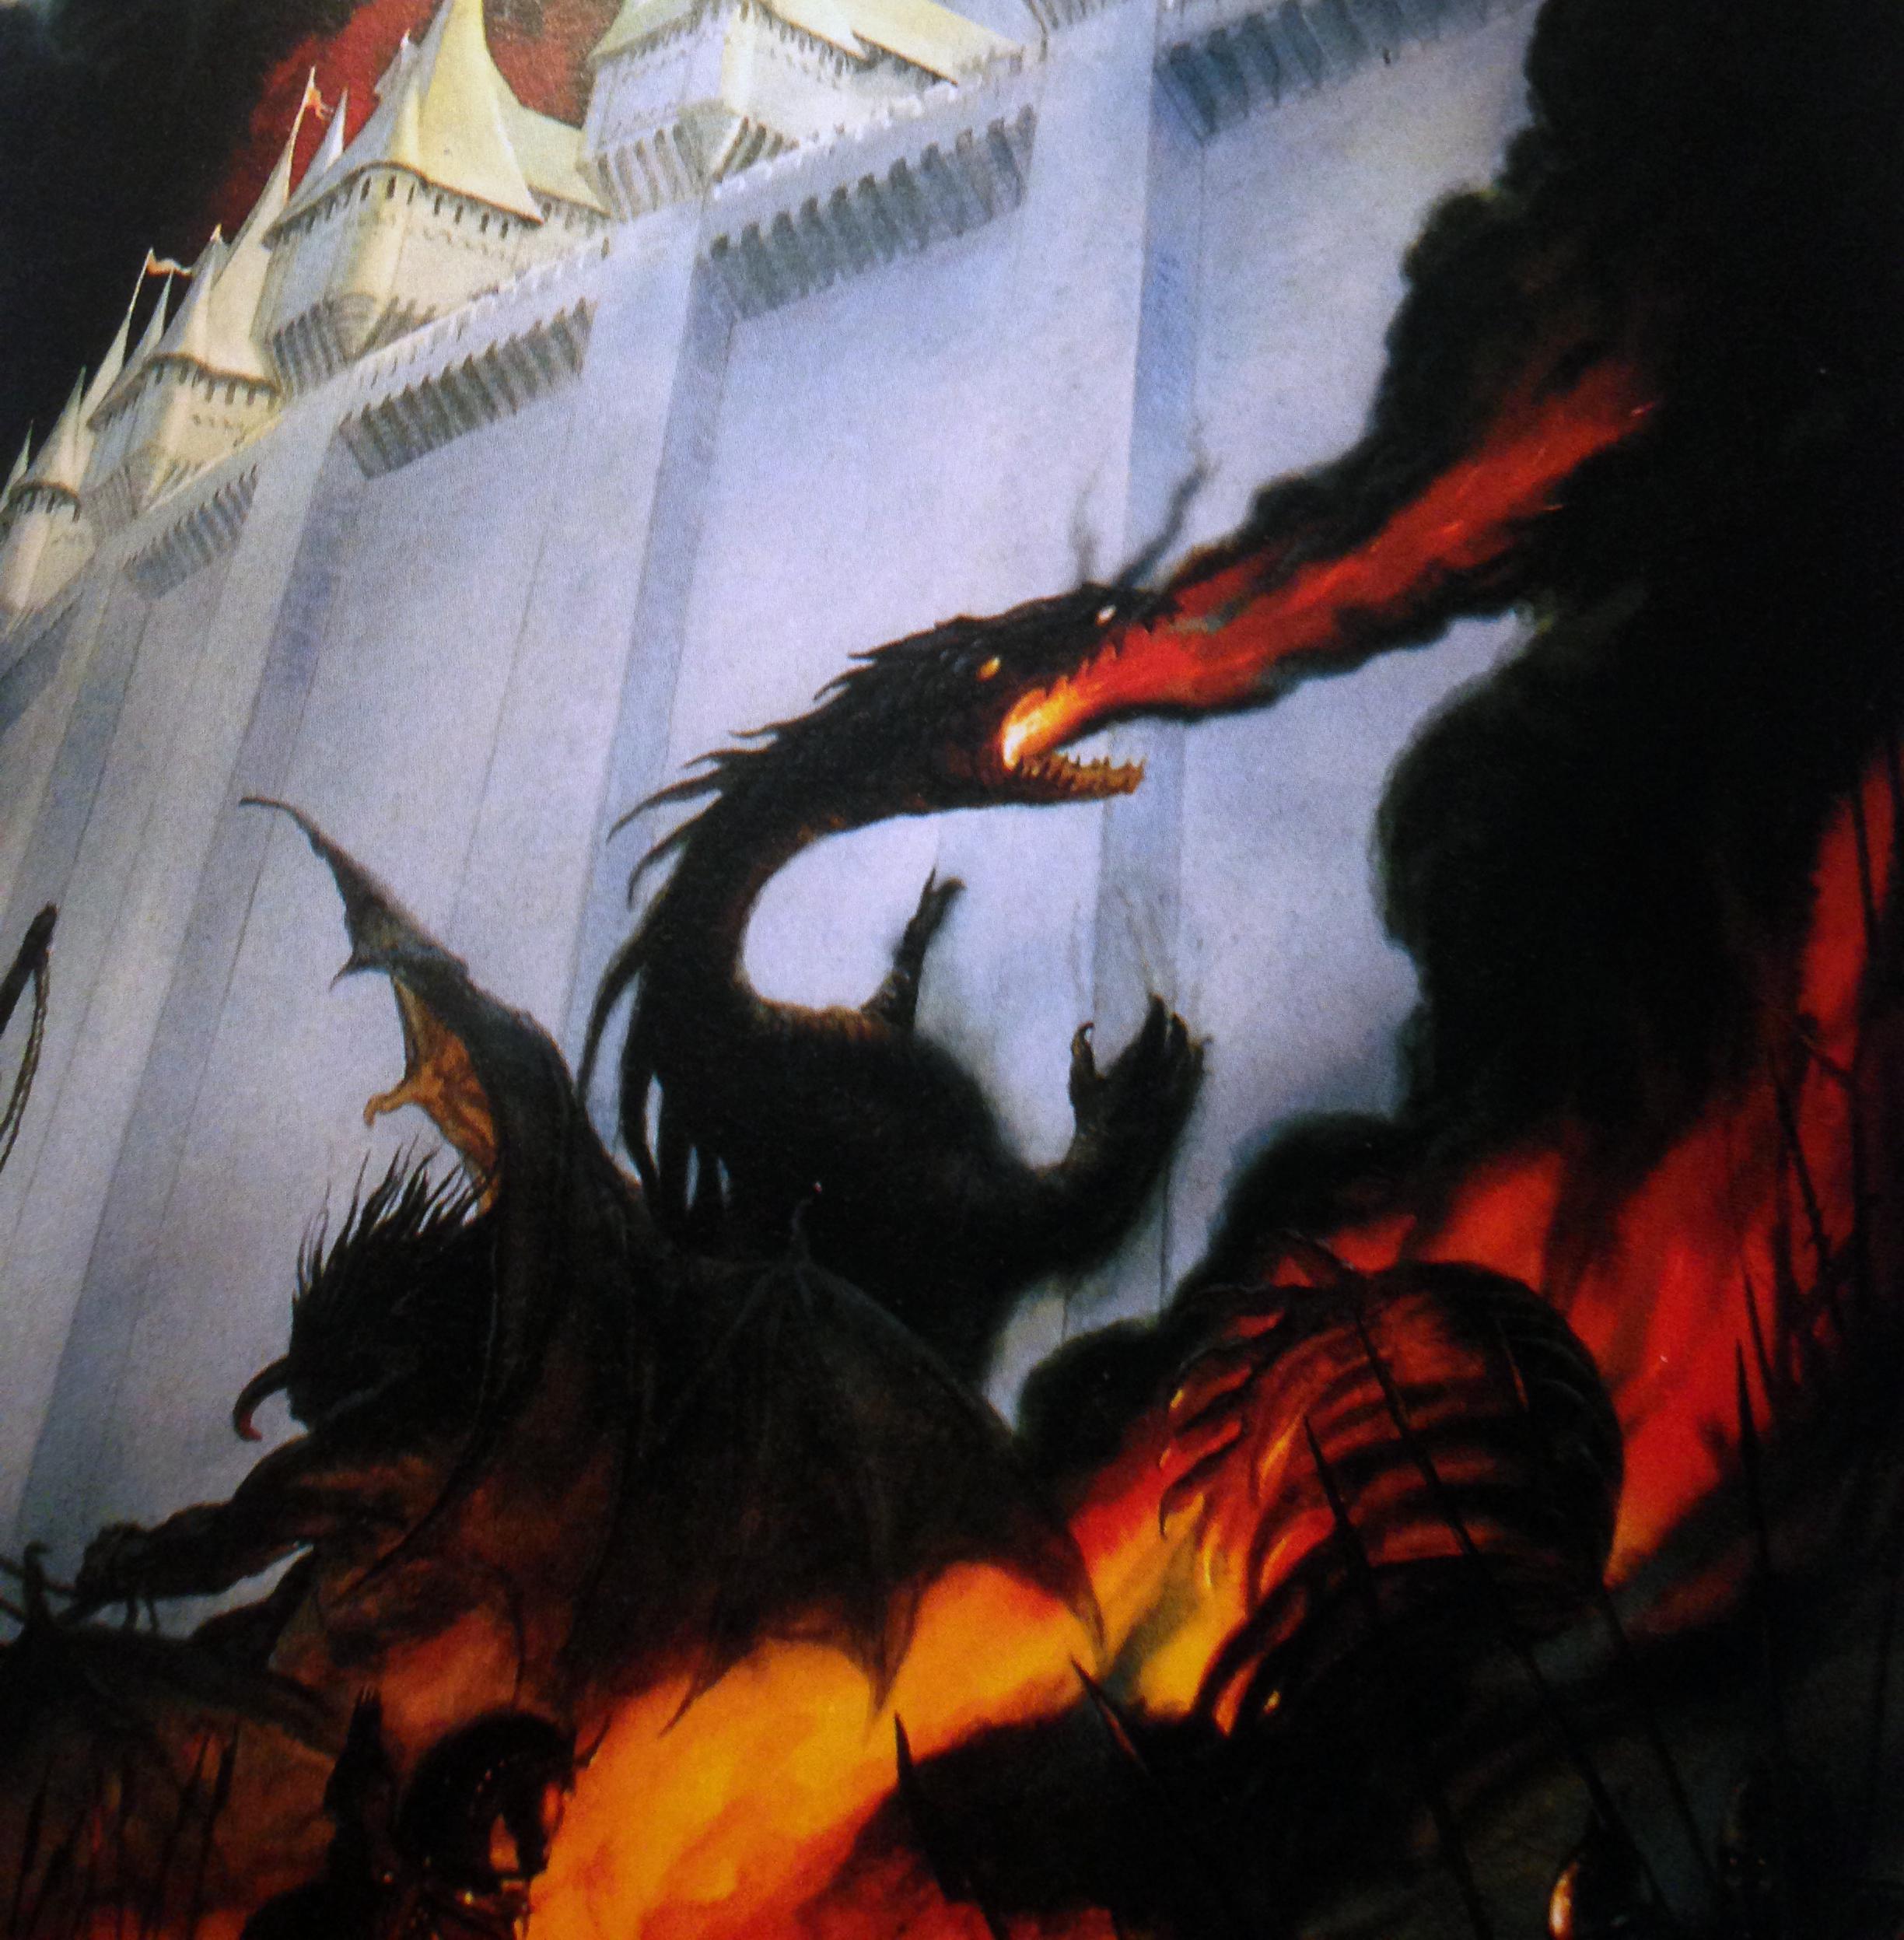 John How's, The Fall of Gondolin